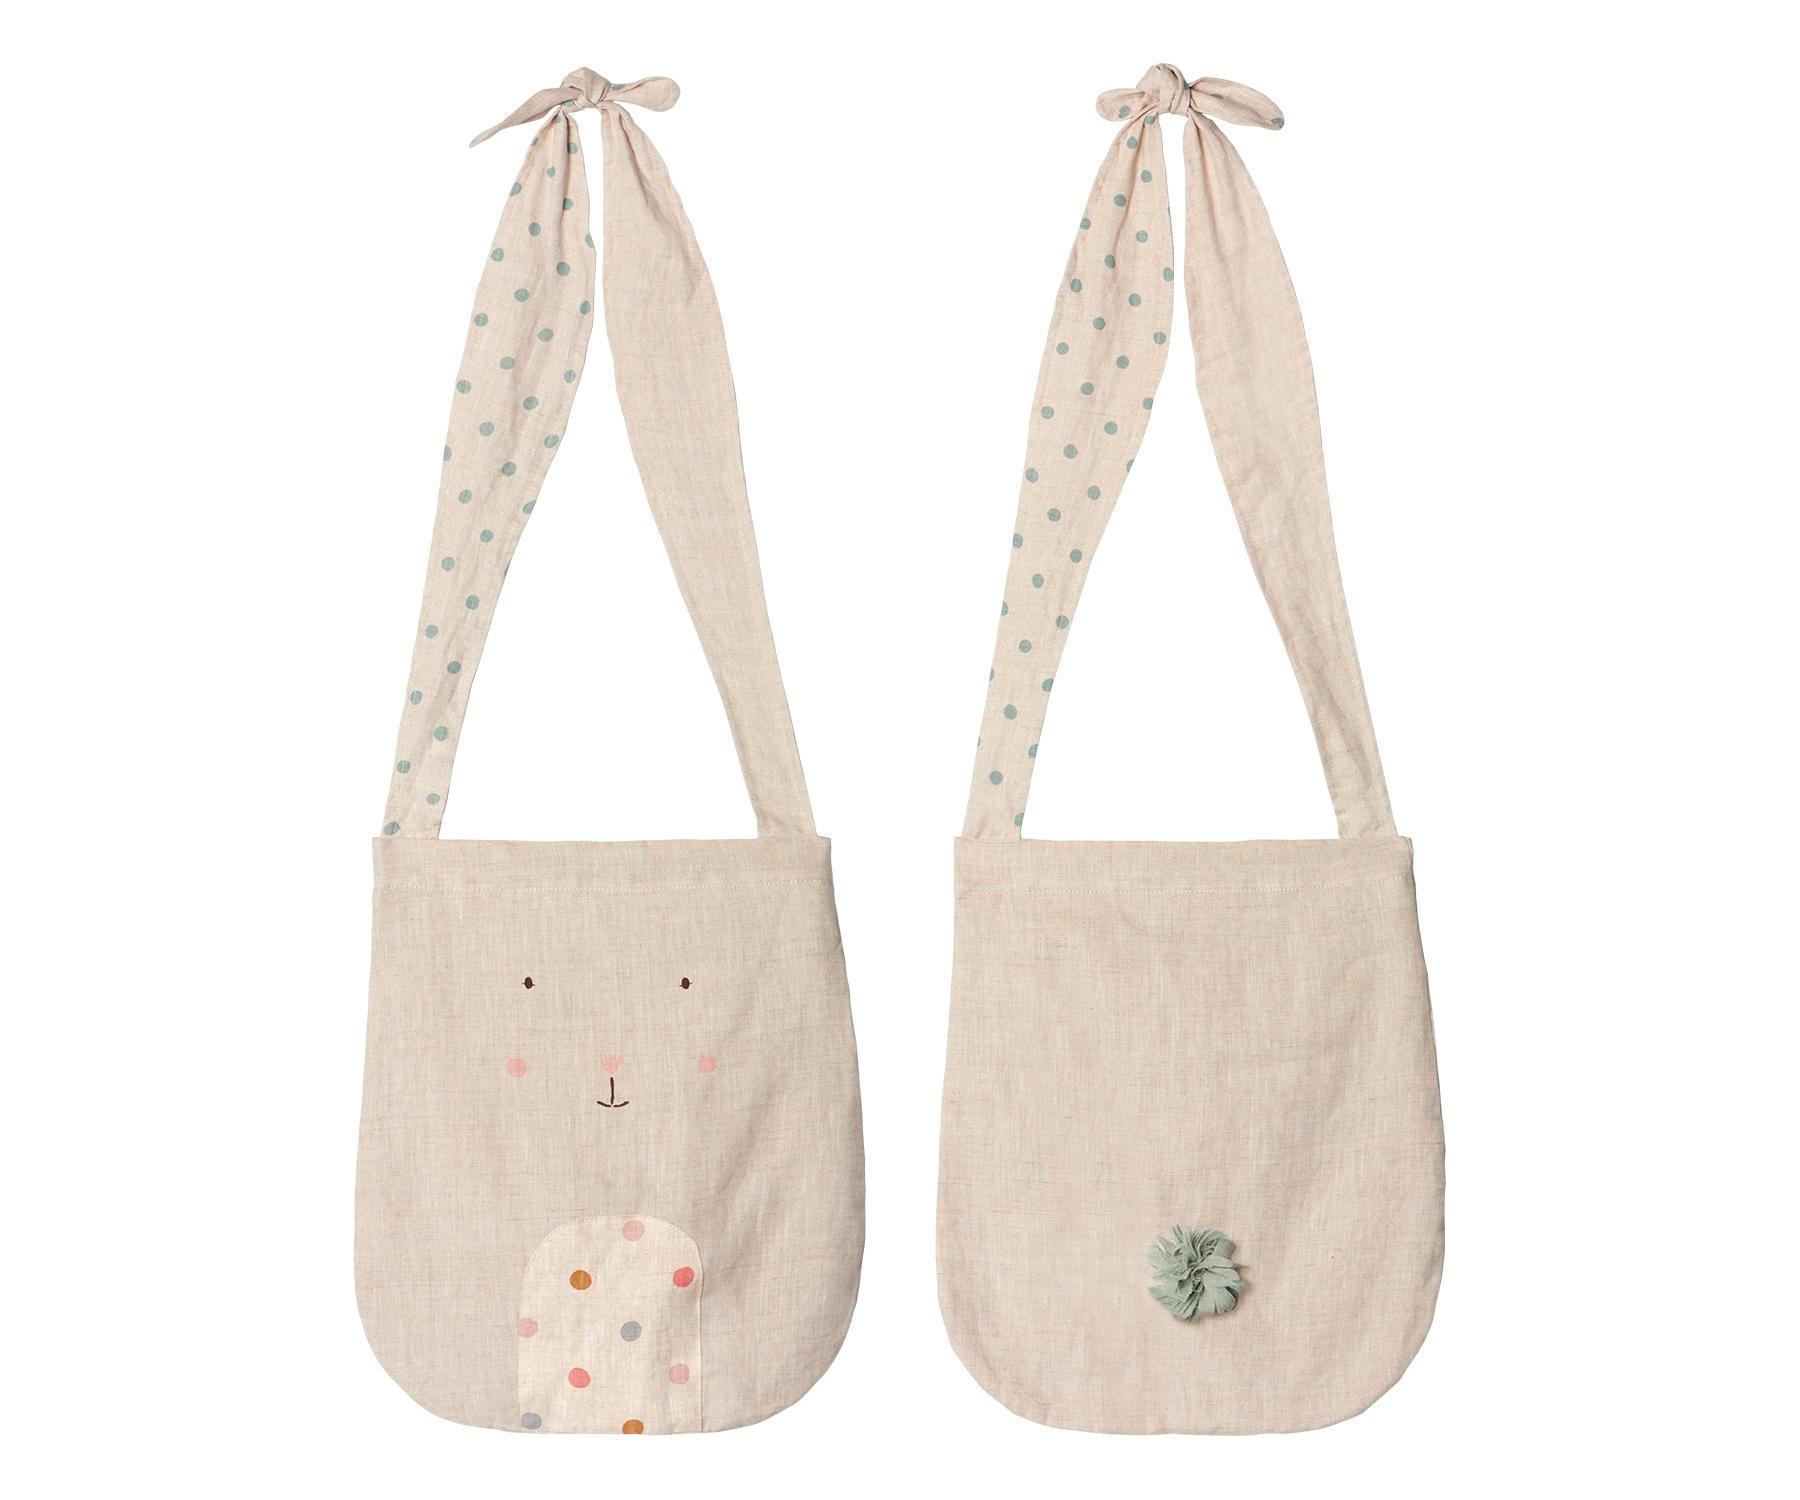 Maileg Dětská lněná taška Awake Bunny, béžová barva, textil